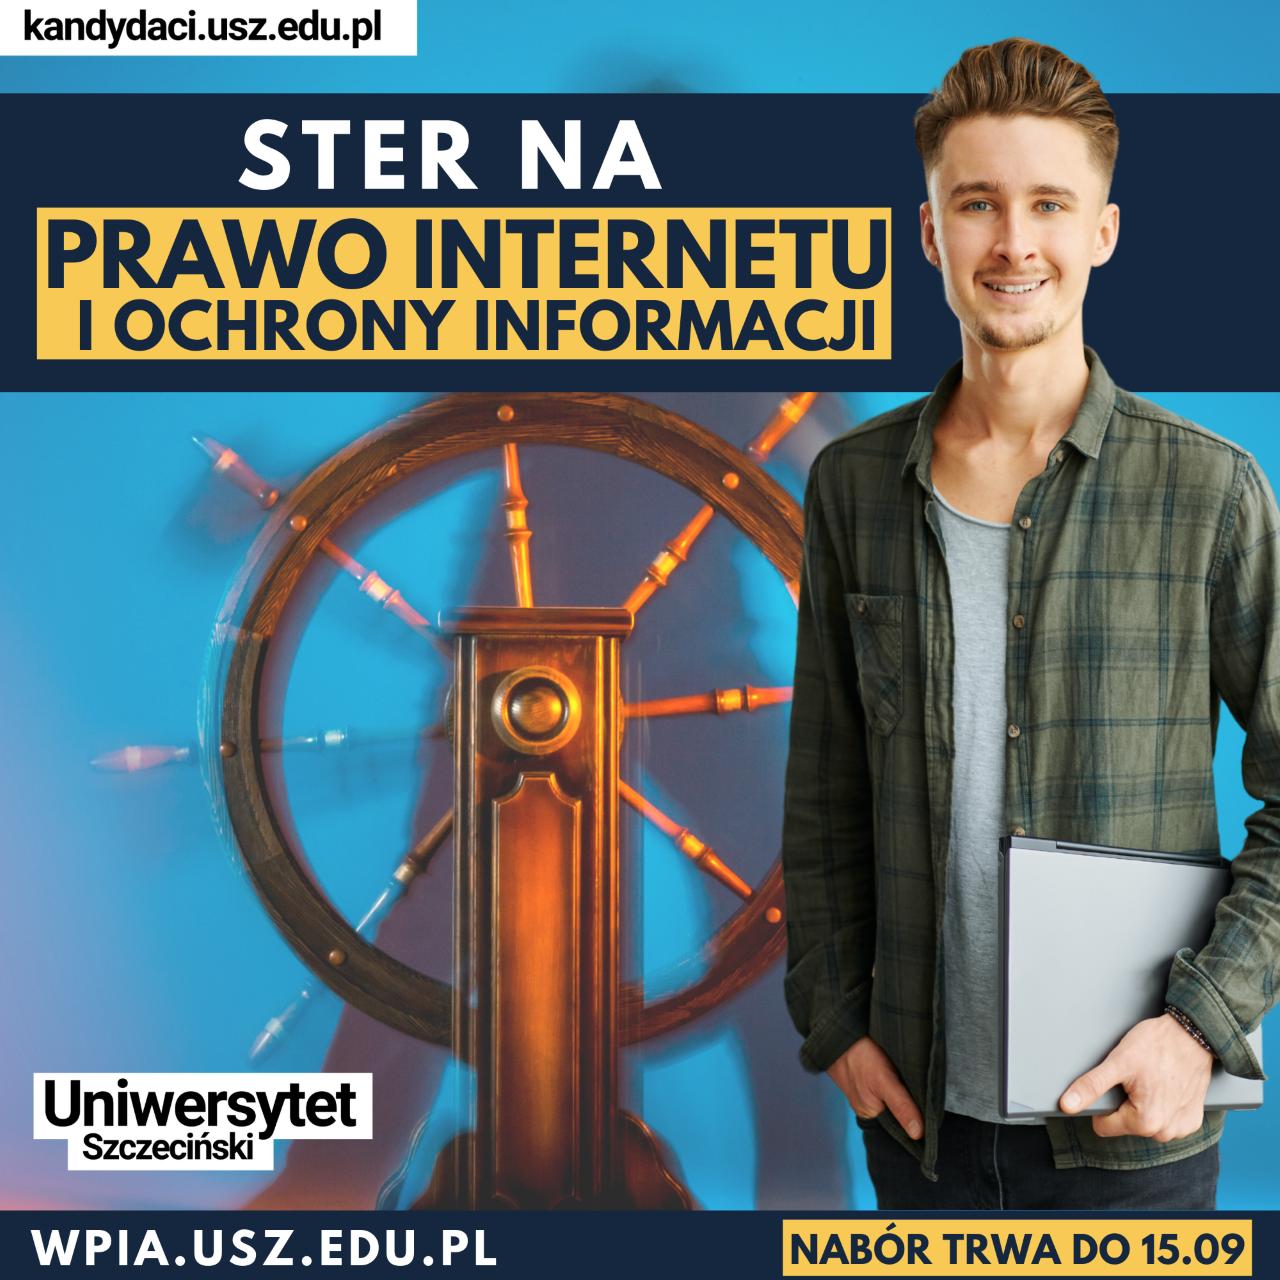 Prawo Internetu i ochrony informacji (studia pierwszego stopnia) – rekrutacja trwa, dołącz do nas!